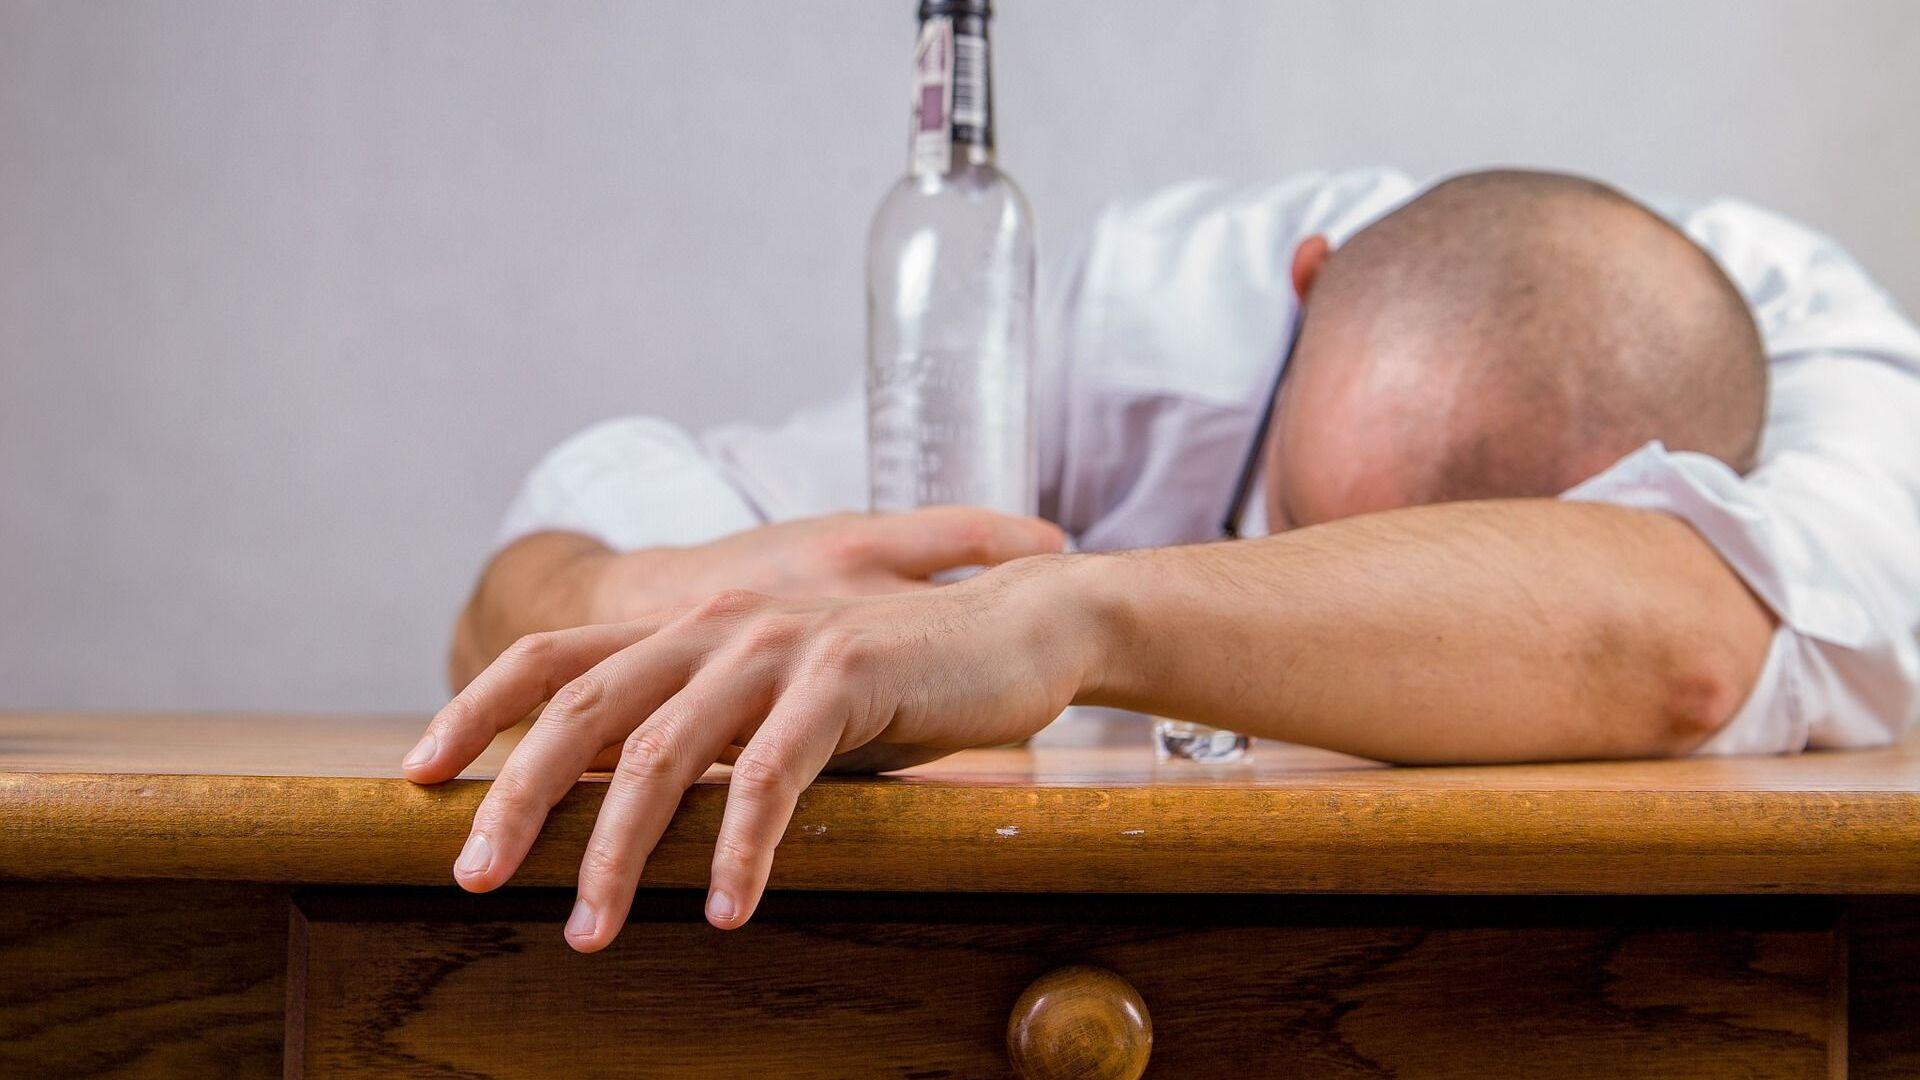 Pijany mężczyzna z butelką przy stole - Sputnik Polska, 1920, 25.09.2021